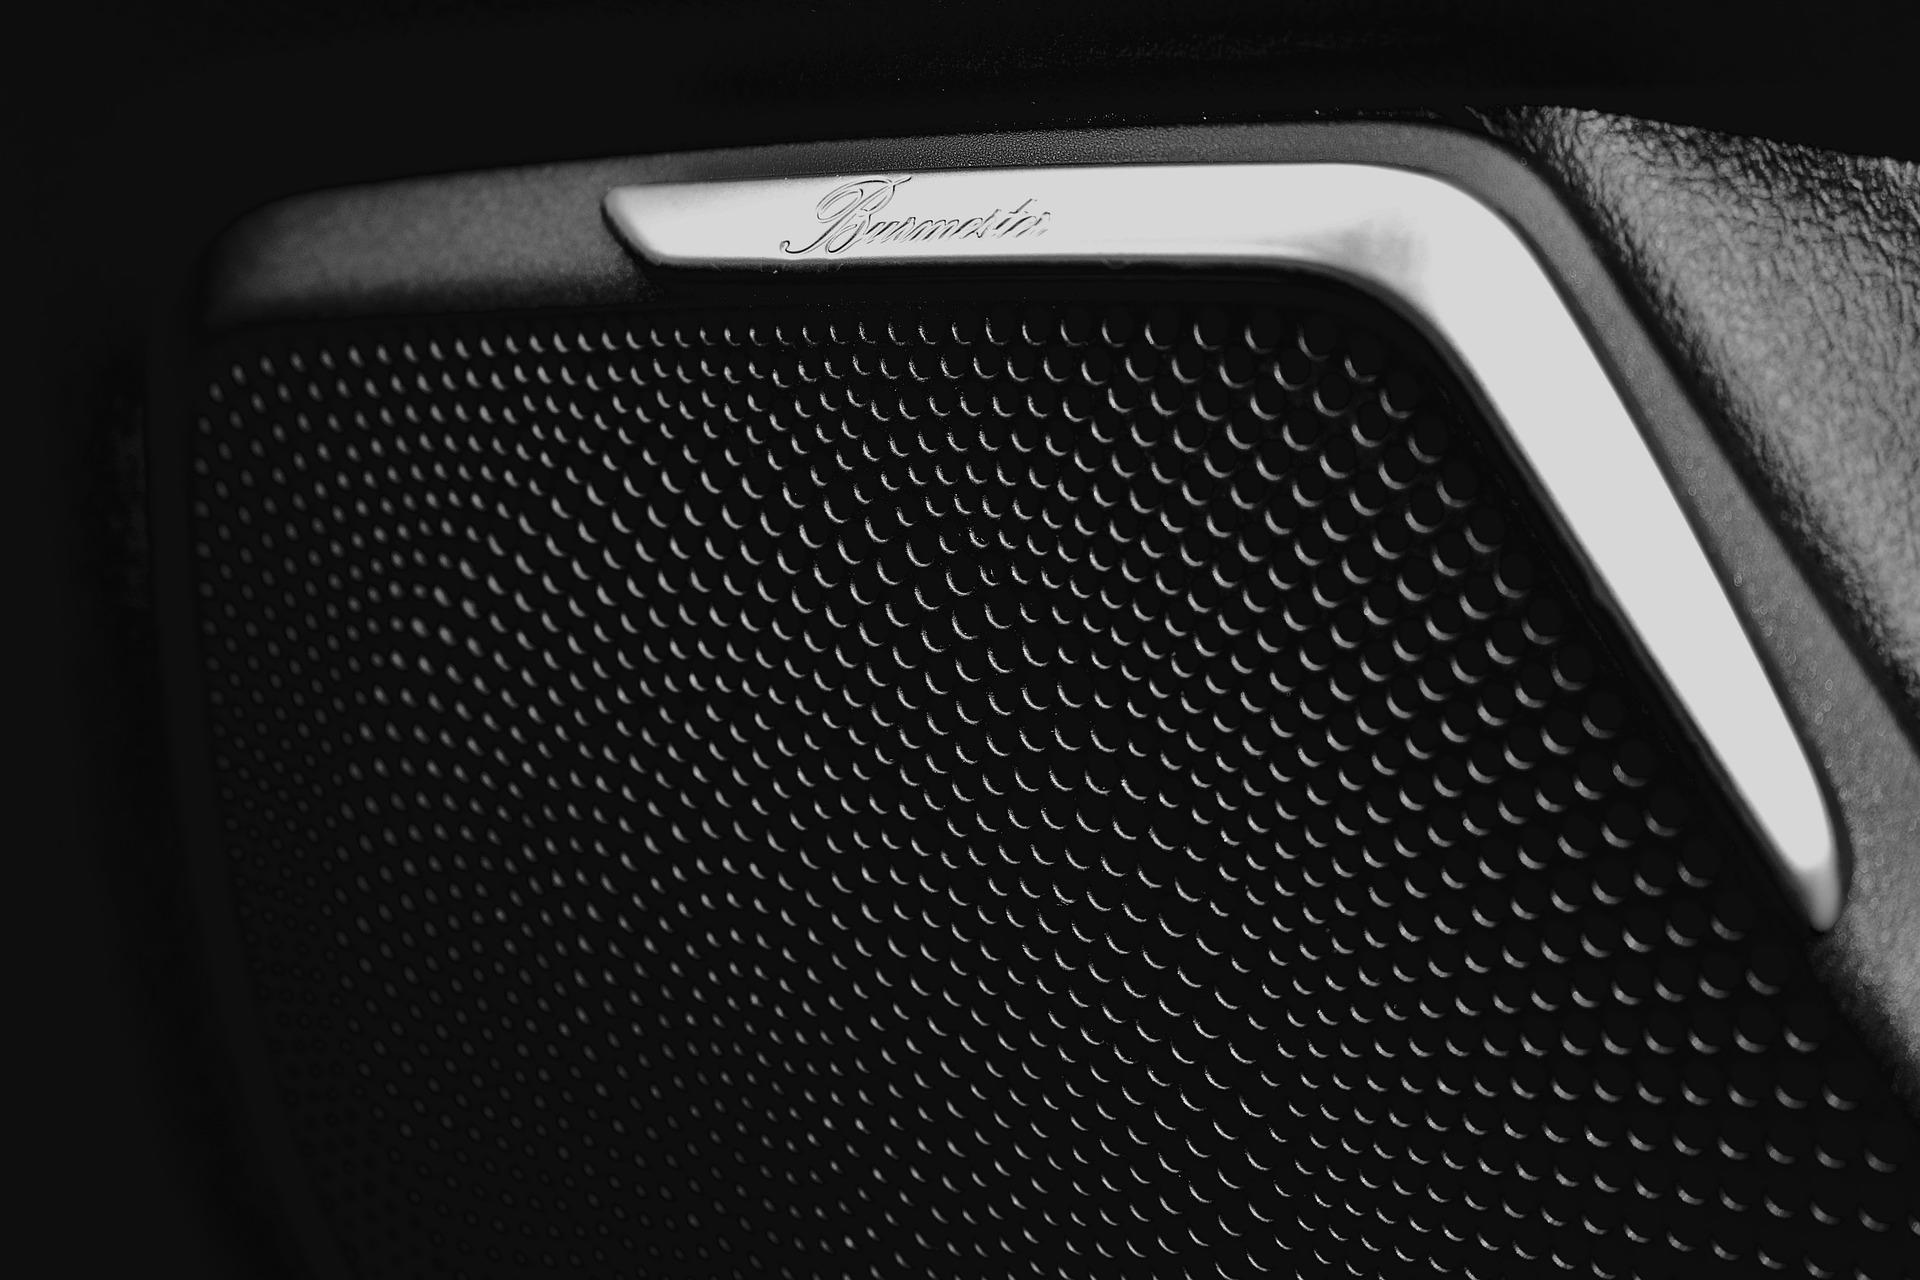 Imagem mostra um close de um alto falante instalado na porta de um carro.